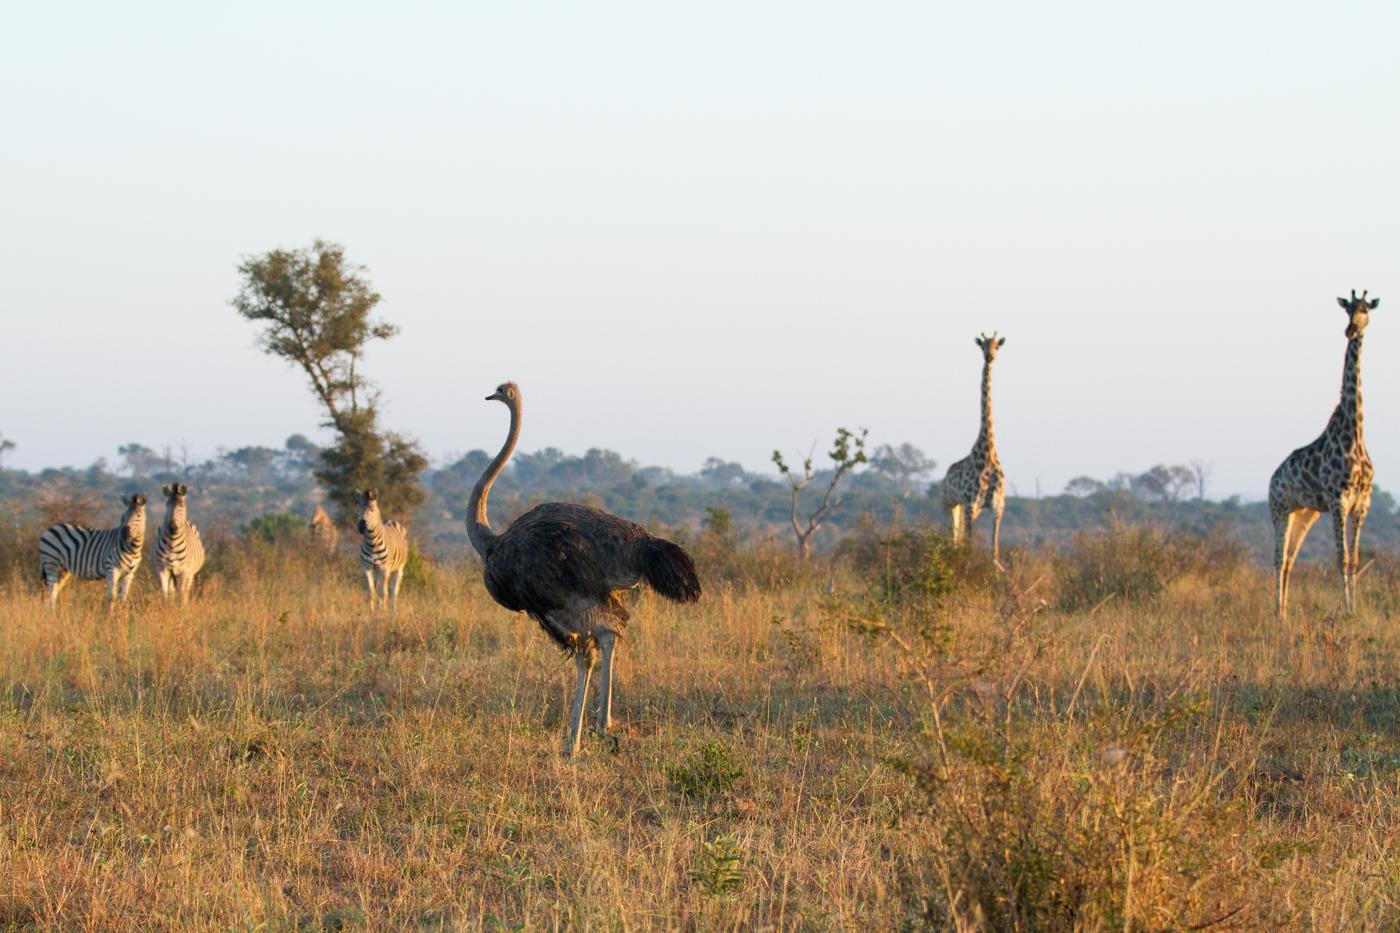 Ostrich, Zebra, Giraffe